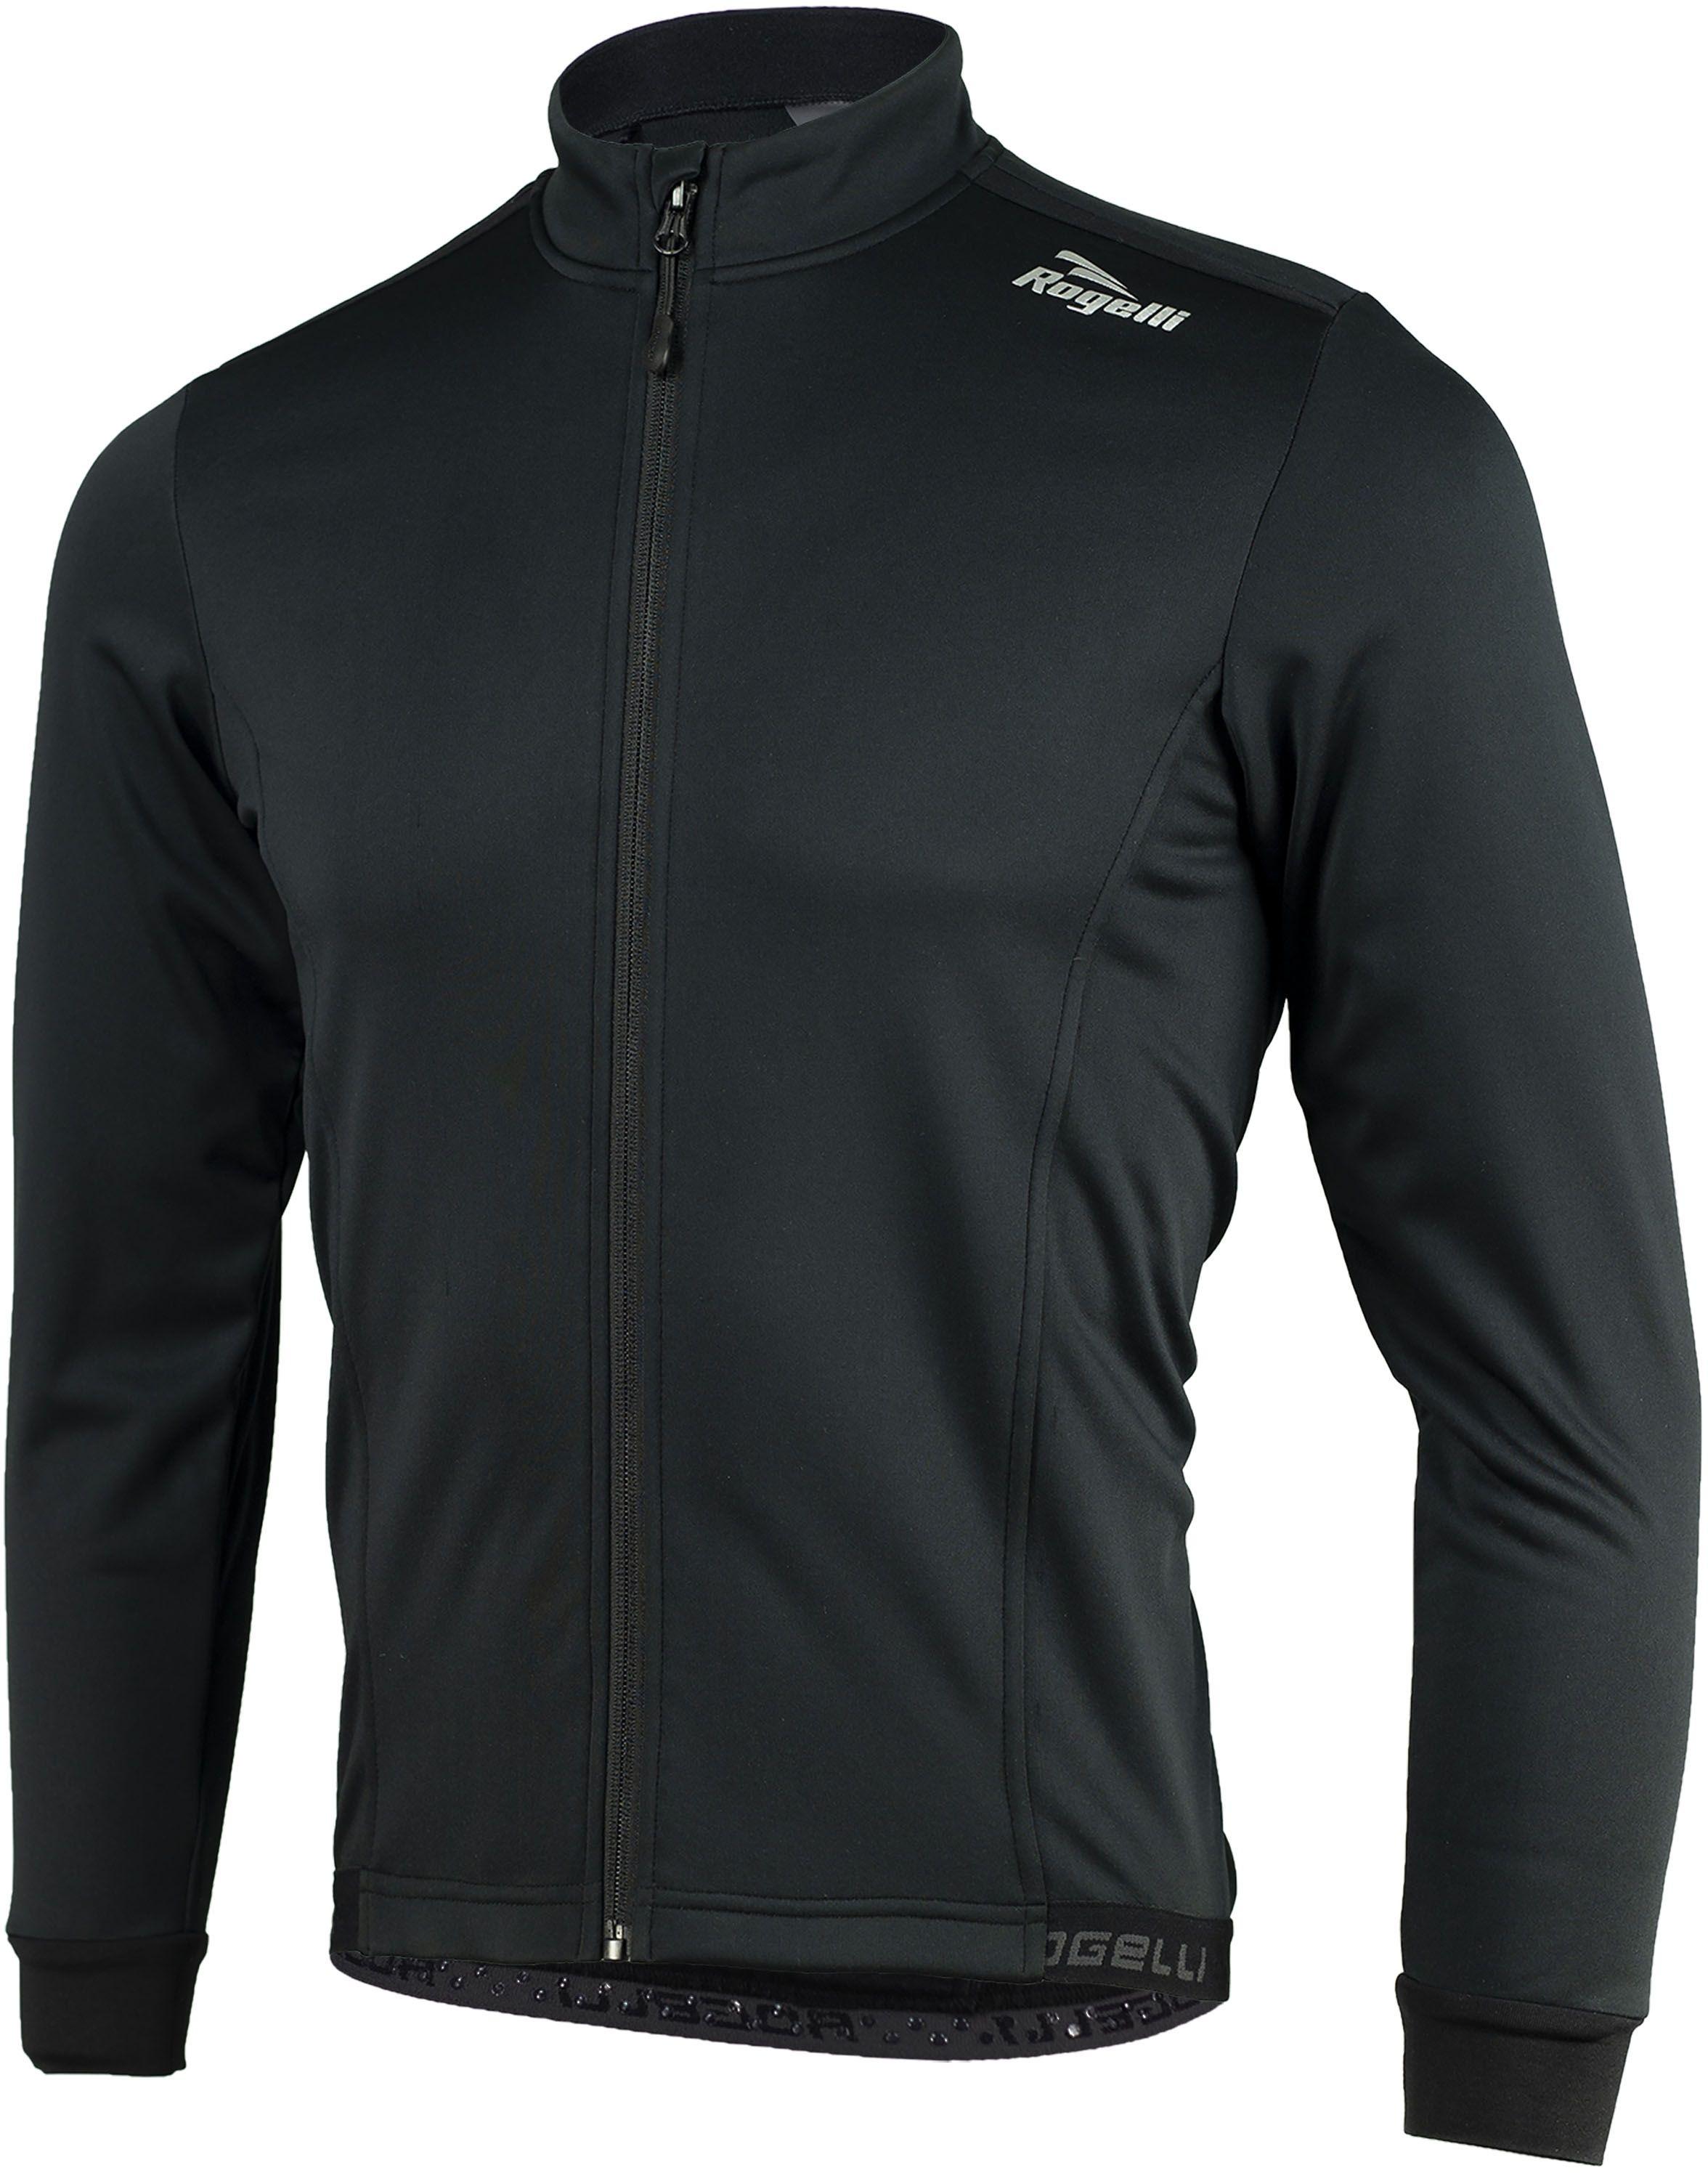 ROGELLI PESARO 2.0 zimowa kurtka rowerowa, czarny Rozmiar: XL,pes2-bl